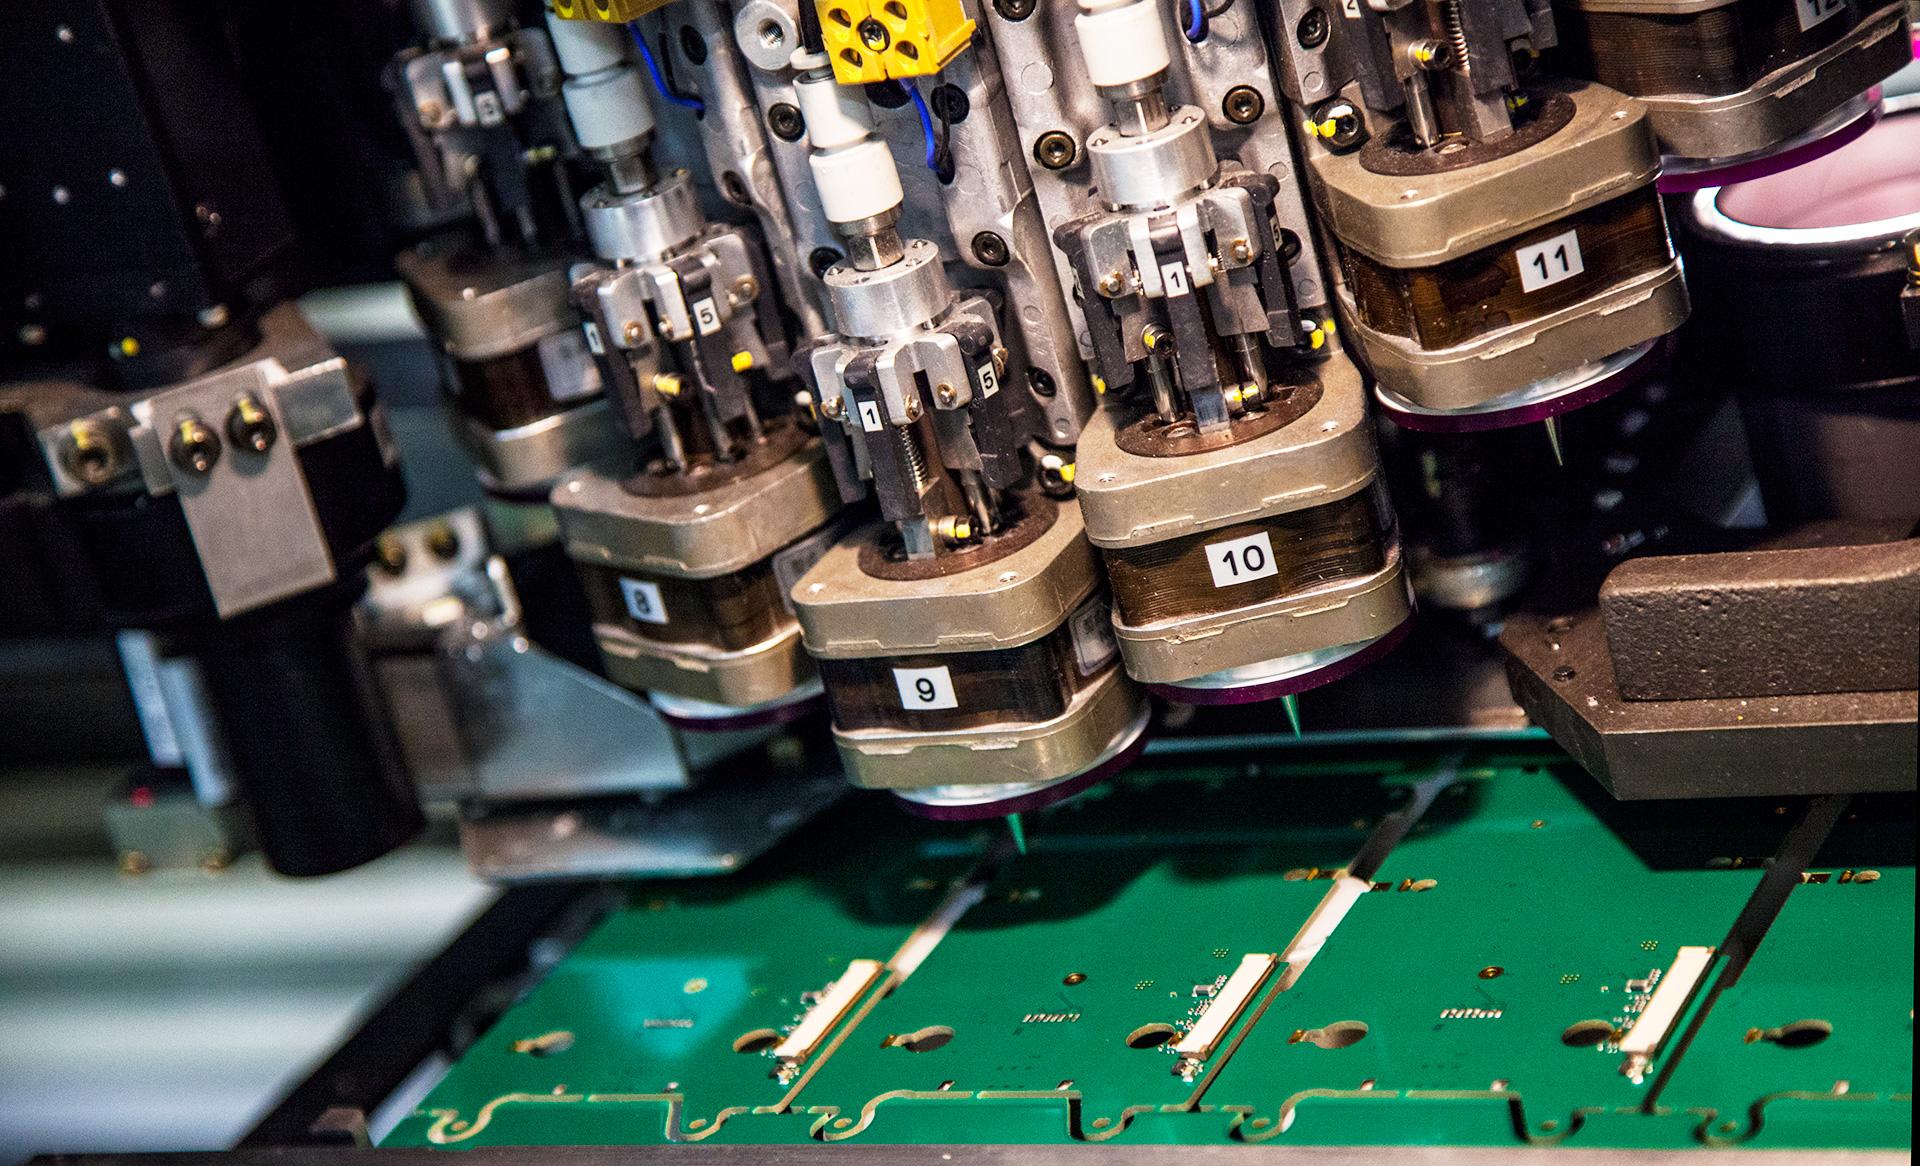 Laukamo – Korkealaatuista elektroniikan valmistusta